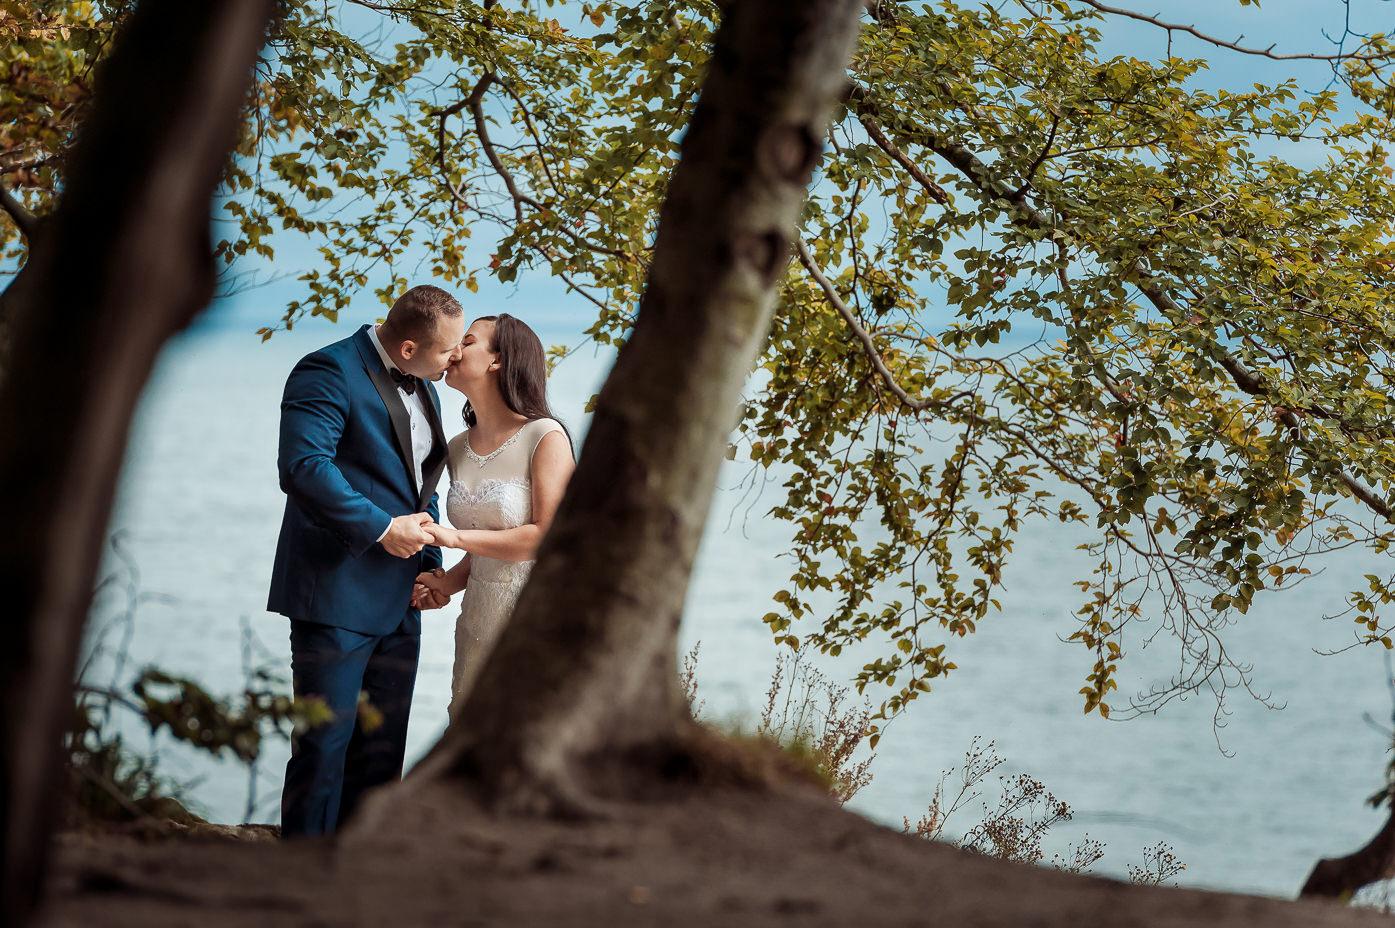 Fotograf ślubny Gdynia - zapadające w pamięć zdjęcia ślubne w Trójmieście i okolicach